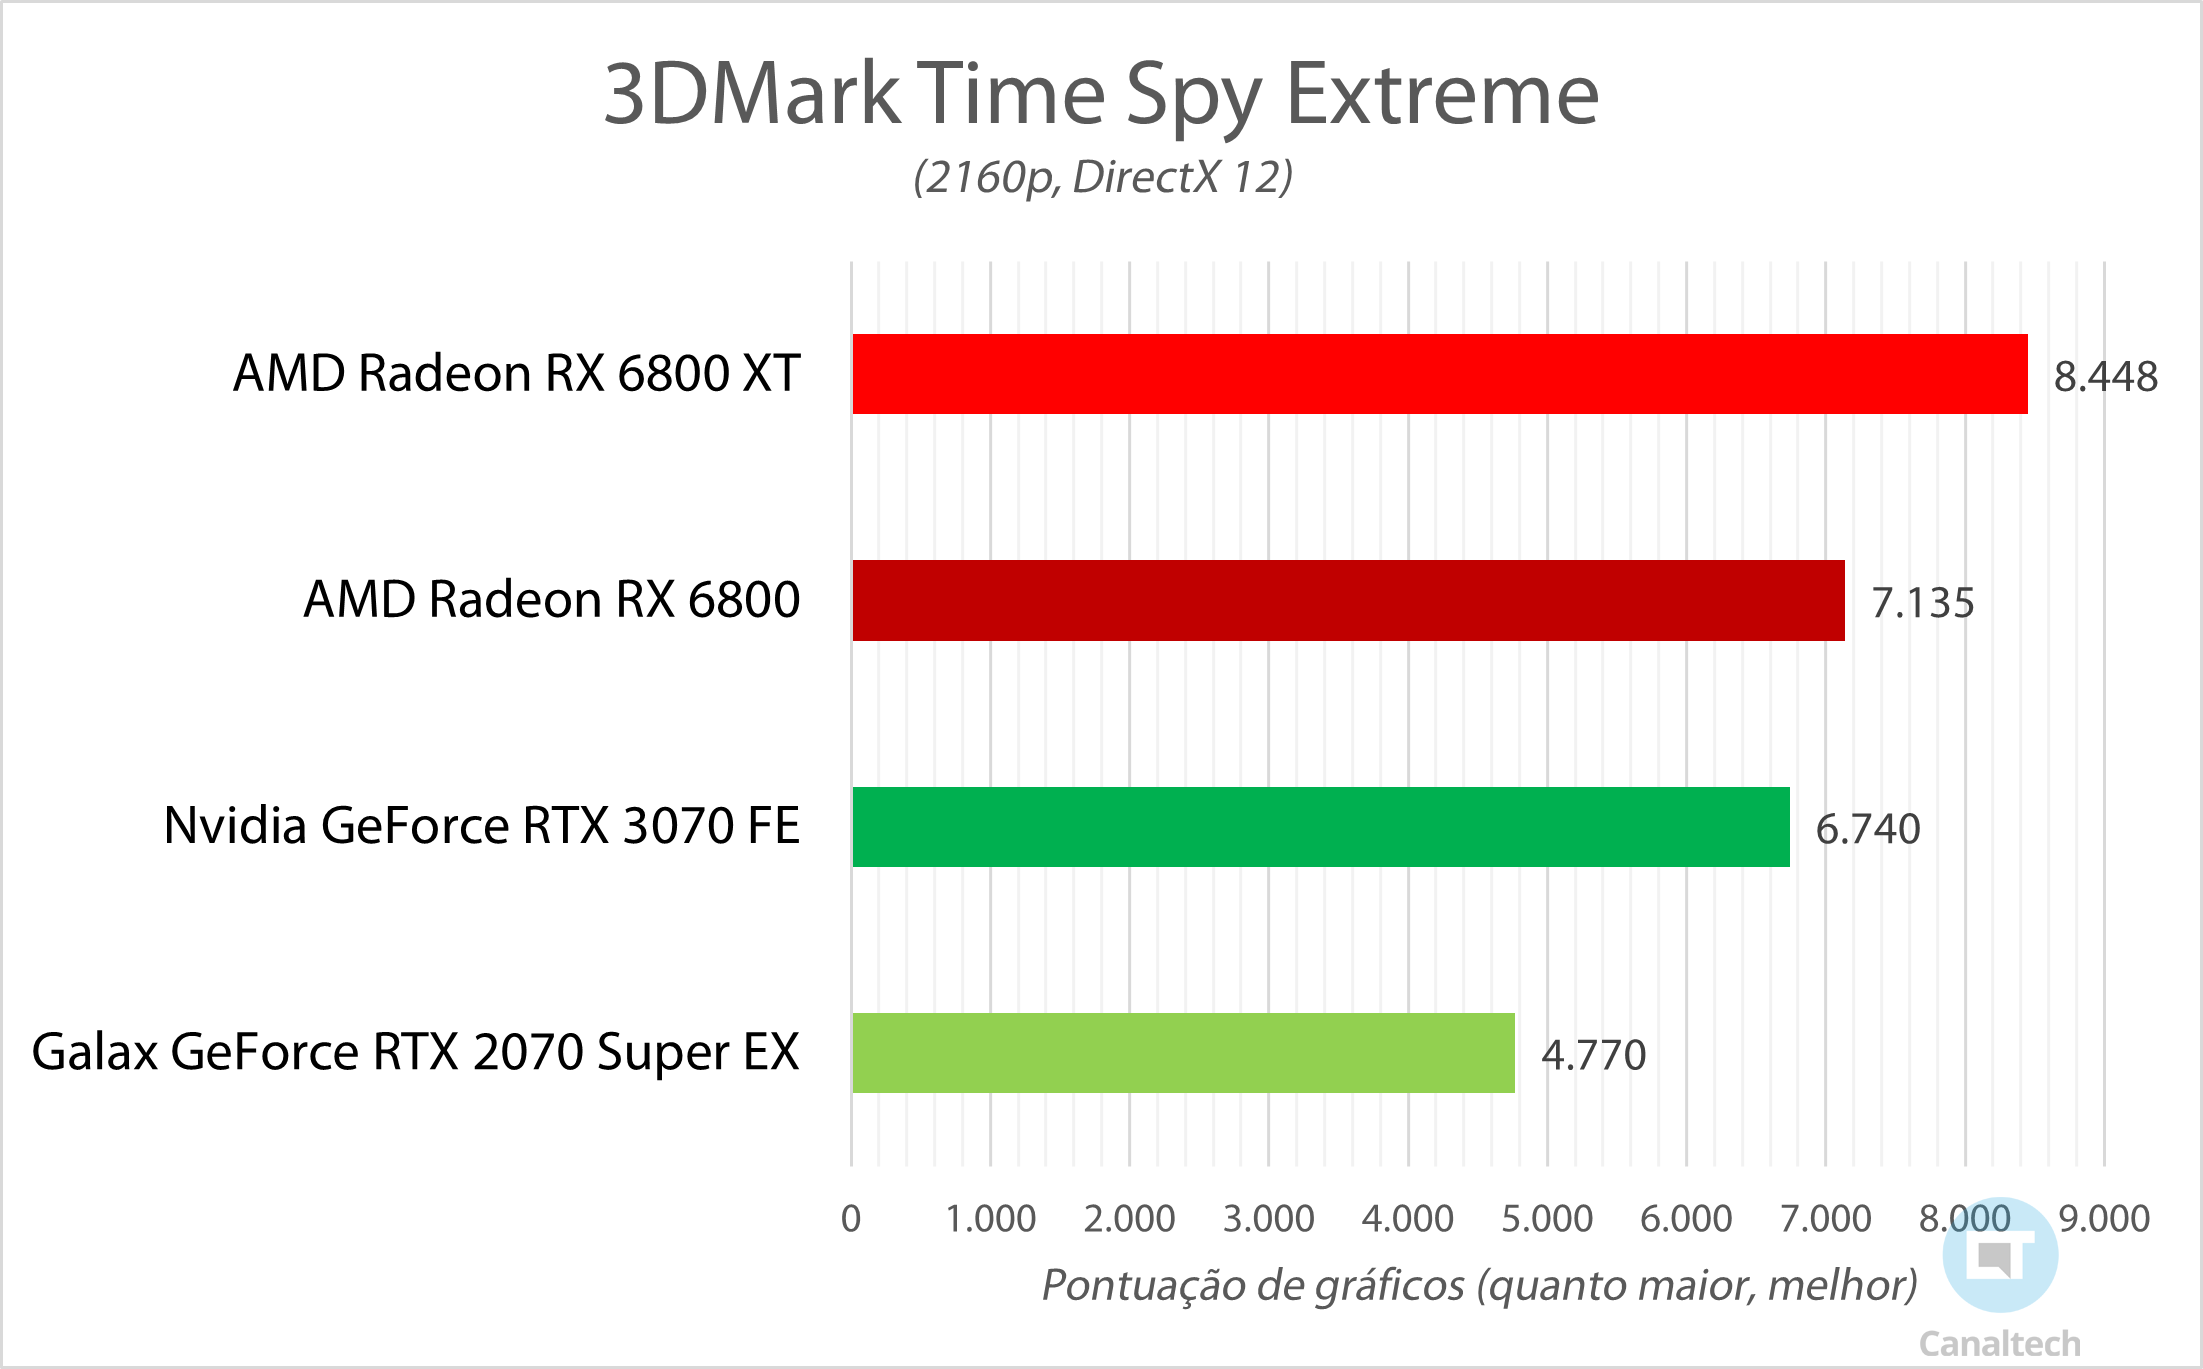 3DMark Time Spy Extreme mede a capacidade de a GPU trabalhar com gráficos em 4K; quanto maior a pontuação, melhor